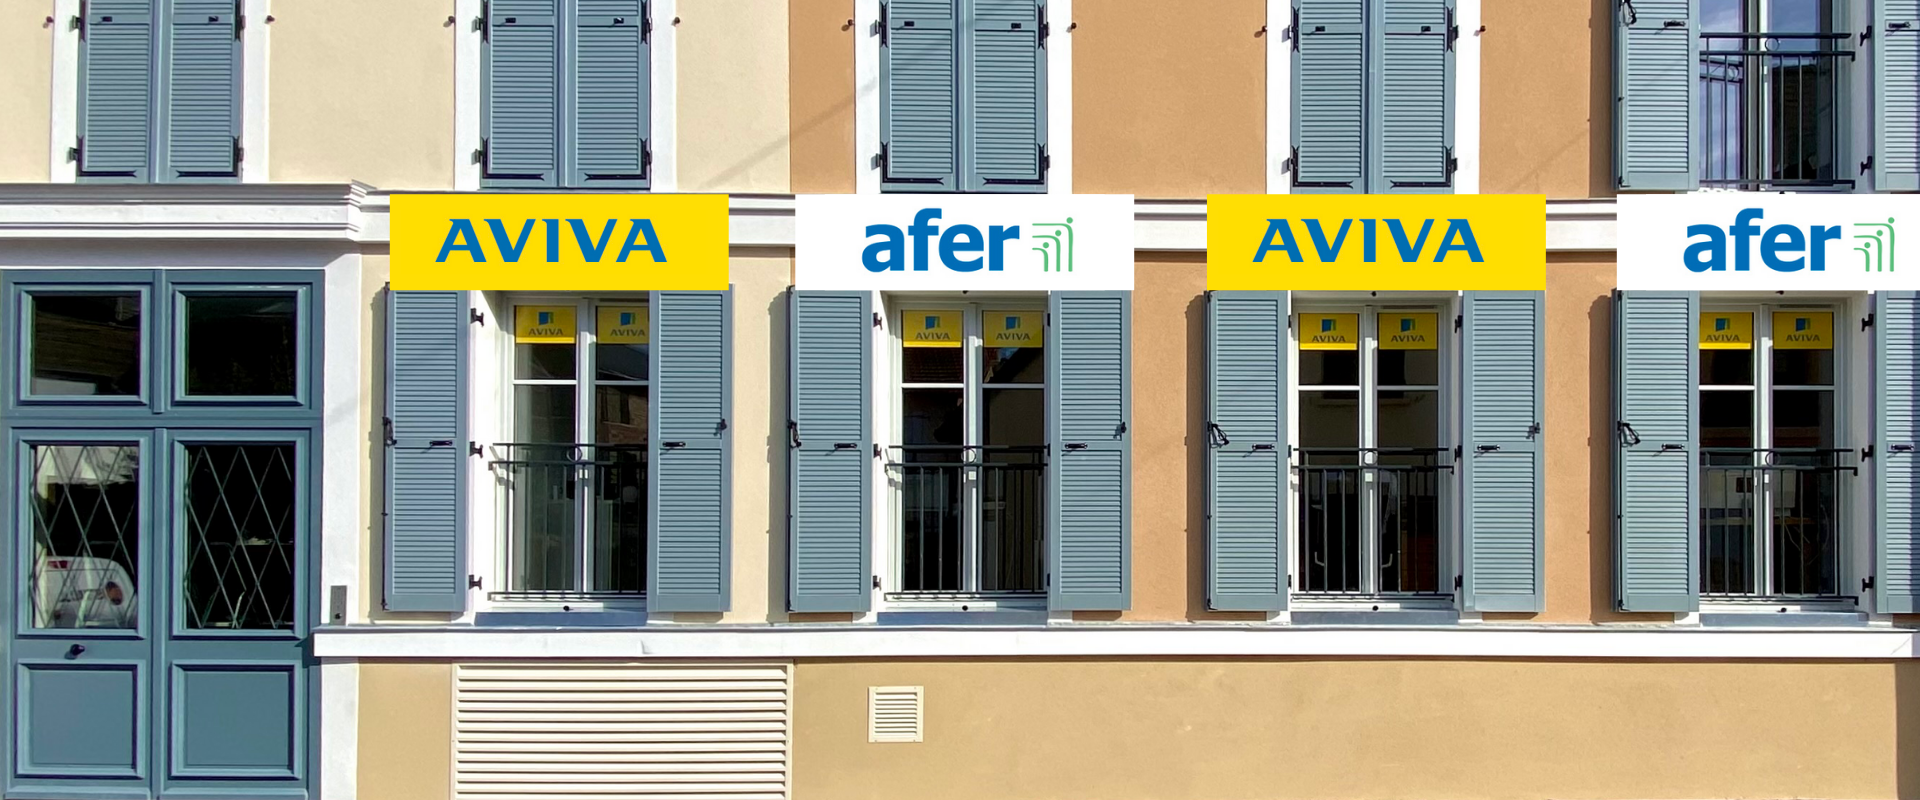 agence assurance AVIVA afer Maisons-Laffitte